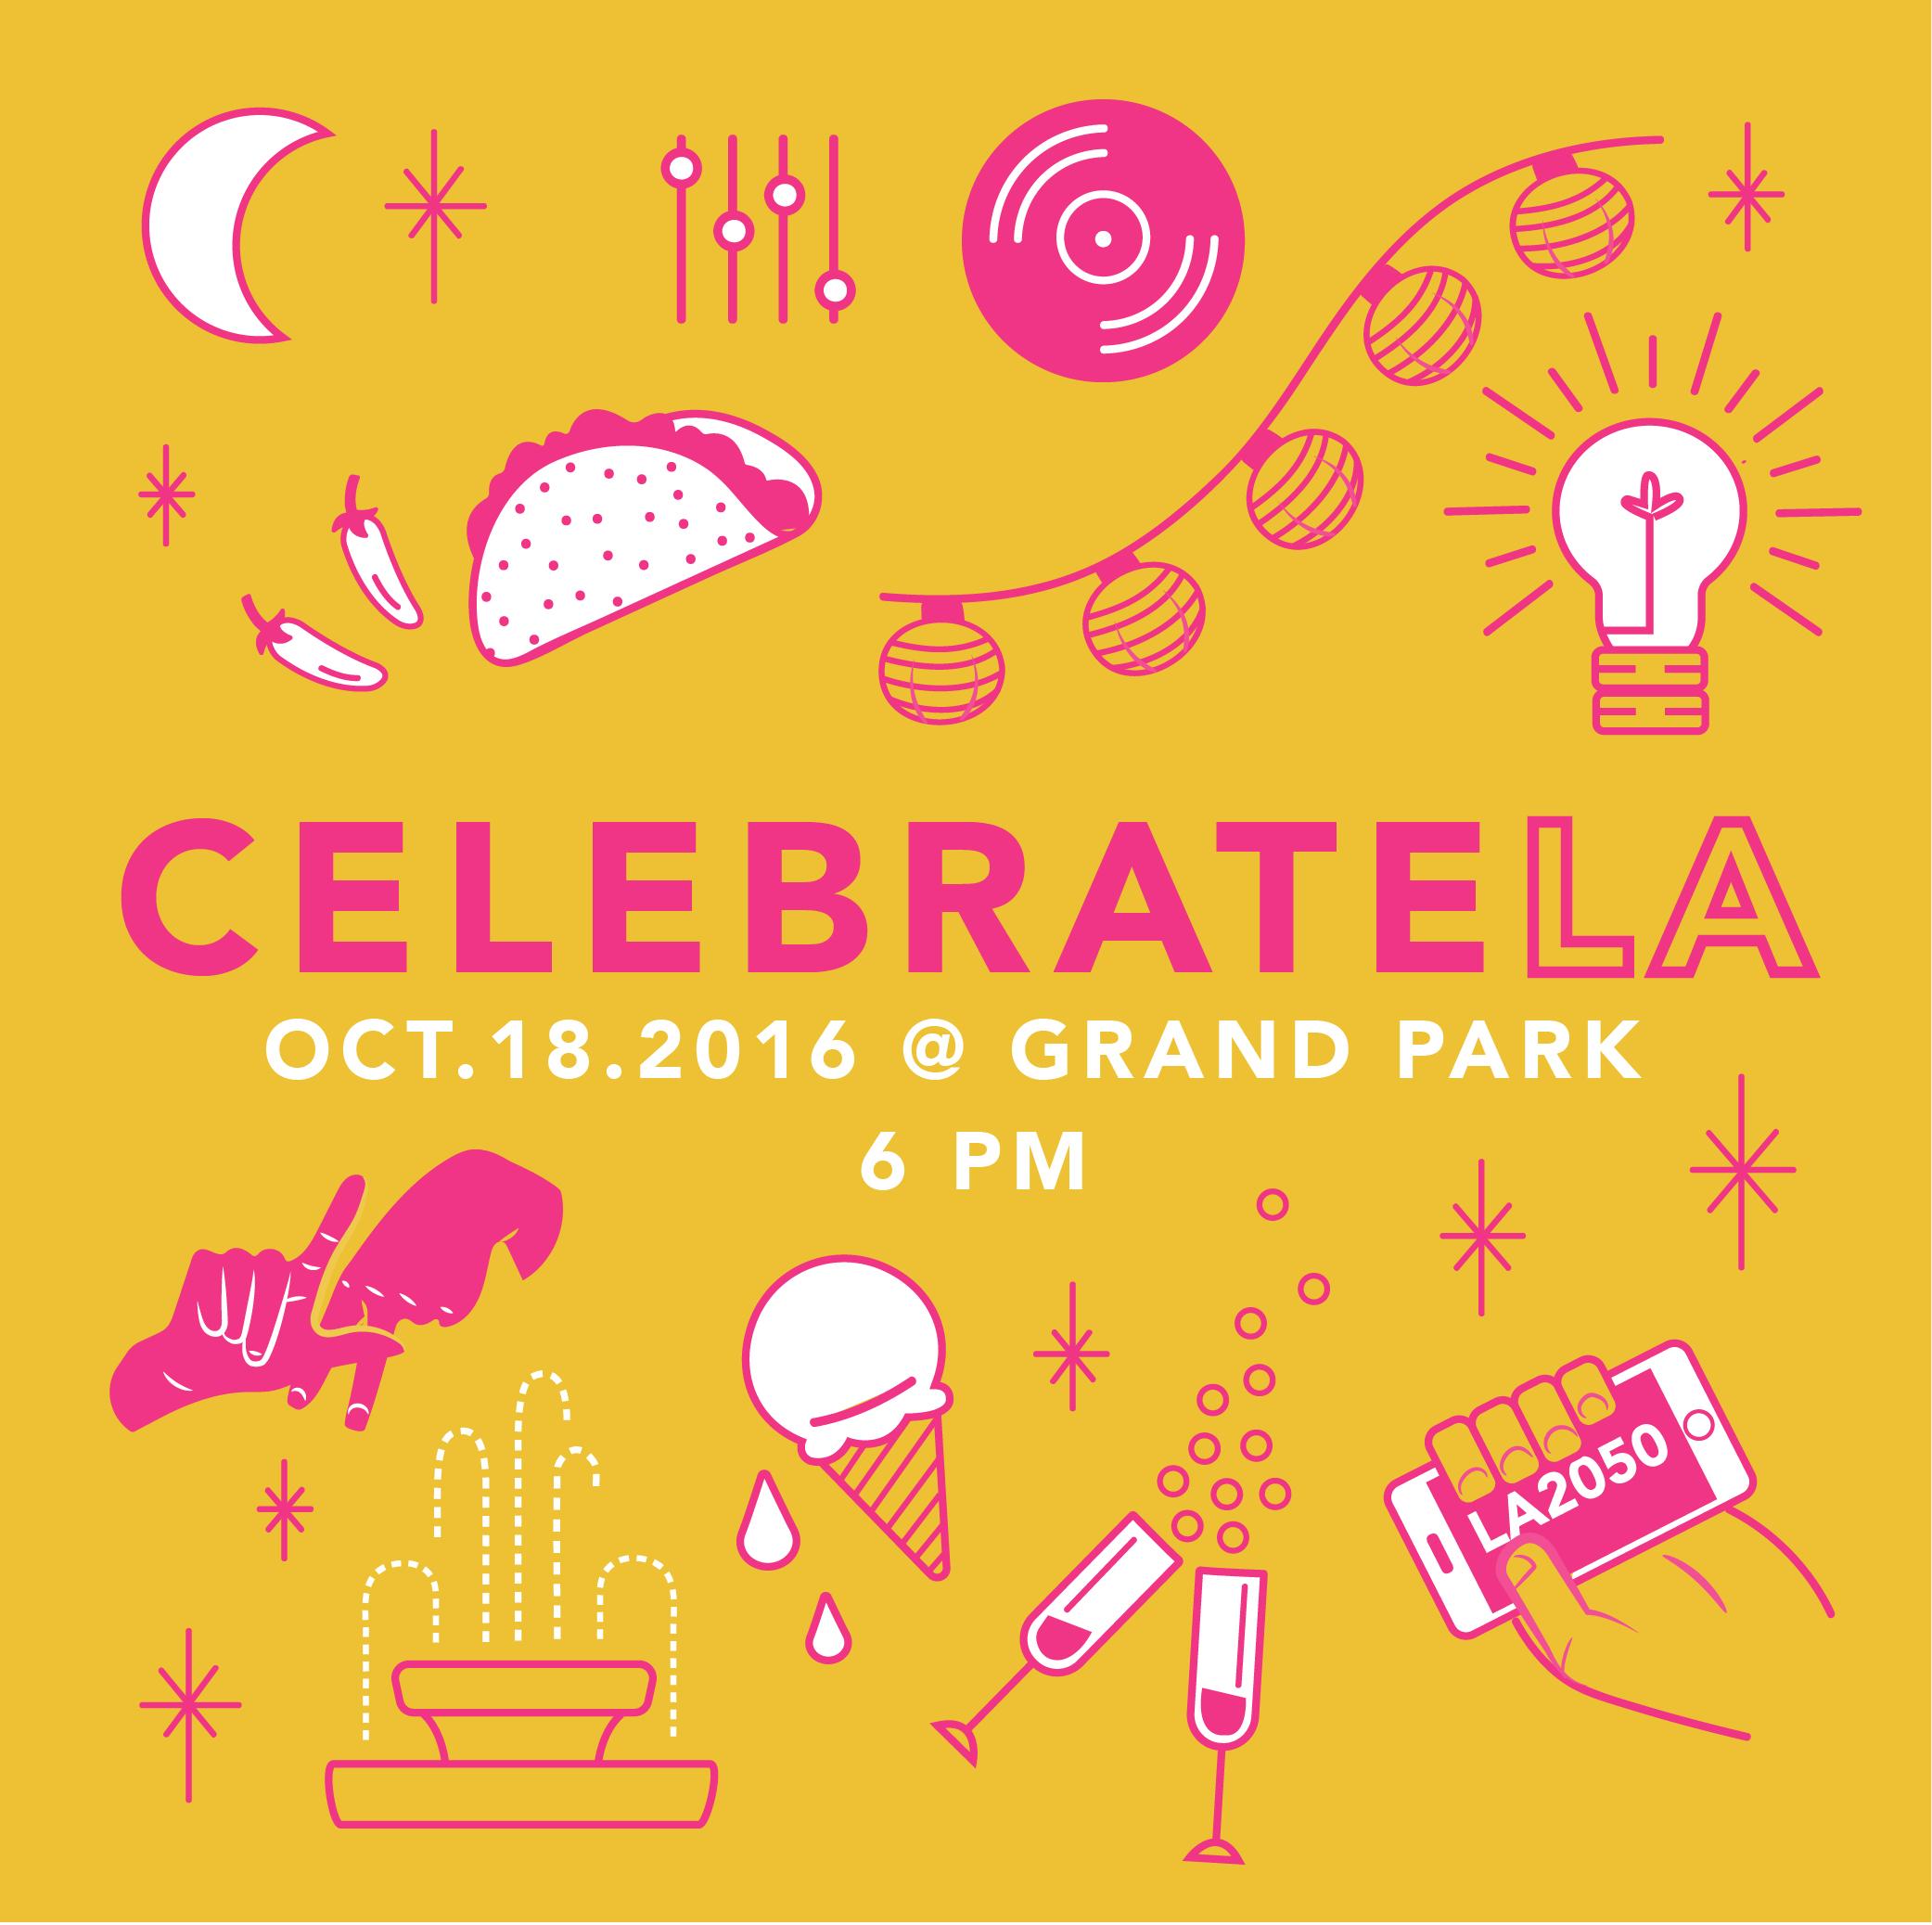 celebrate-02.jpg